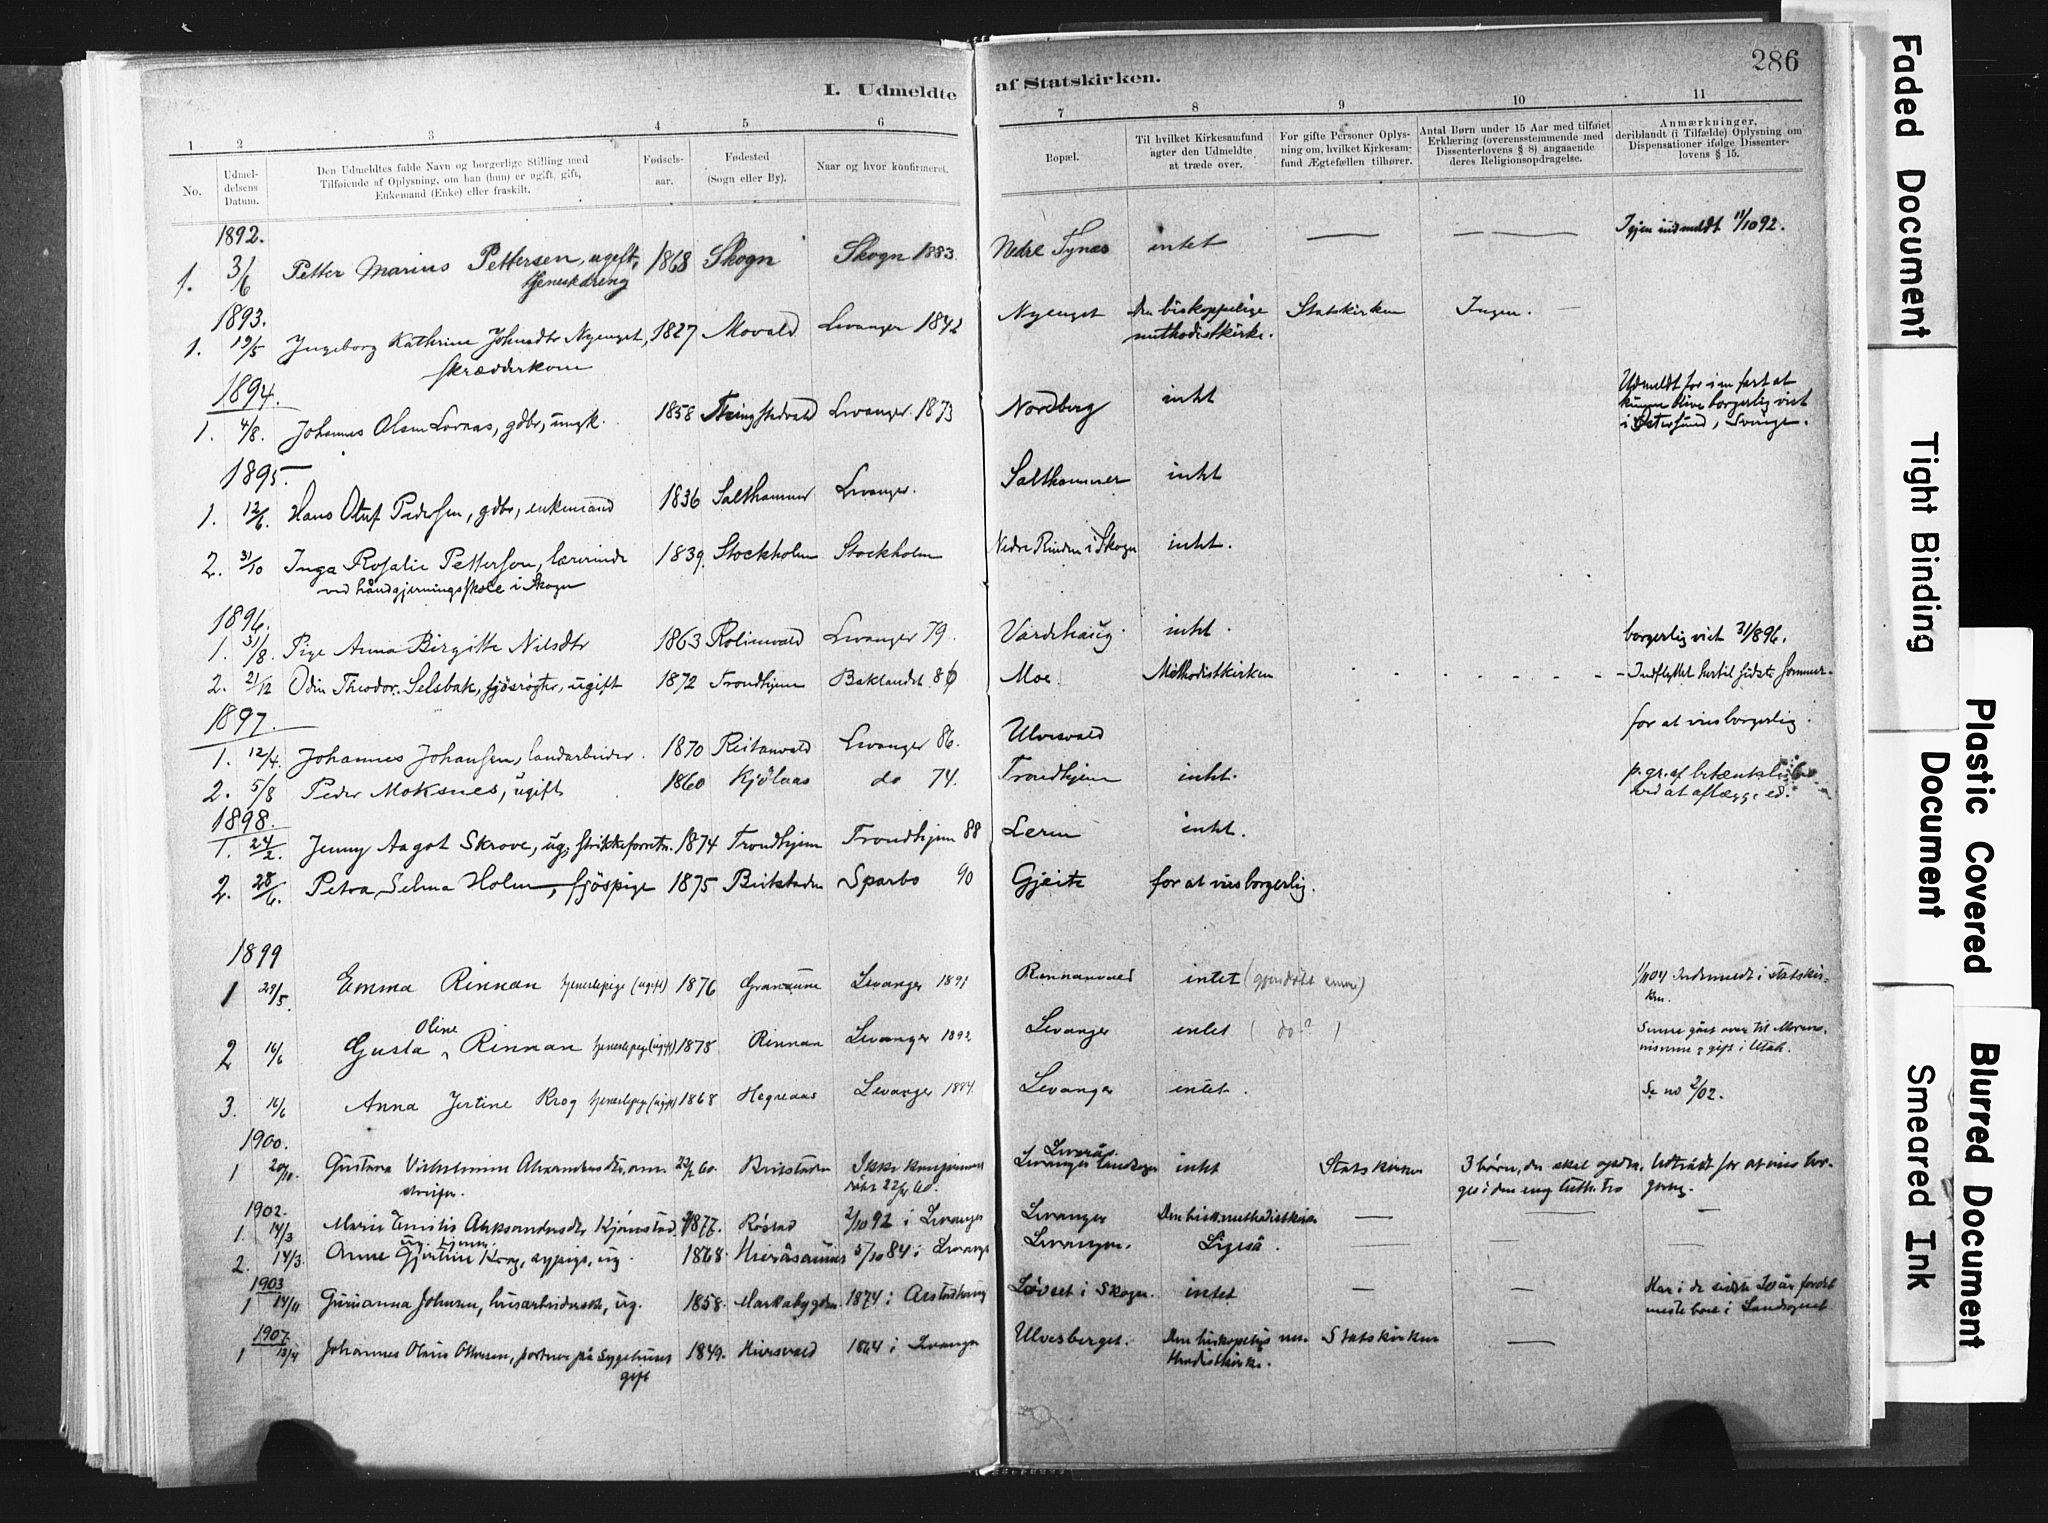 SAT, Ministerialprotokoller, klokkerbøker og fødselsregistre - Nord-Trøndelag, 721/L0207: Ministerialbok nr. 721A02, 1880-1911, s. 286